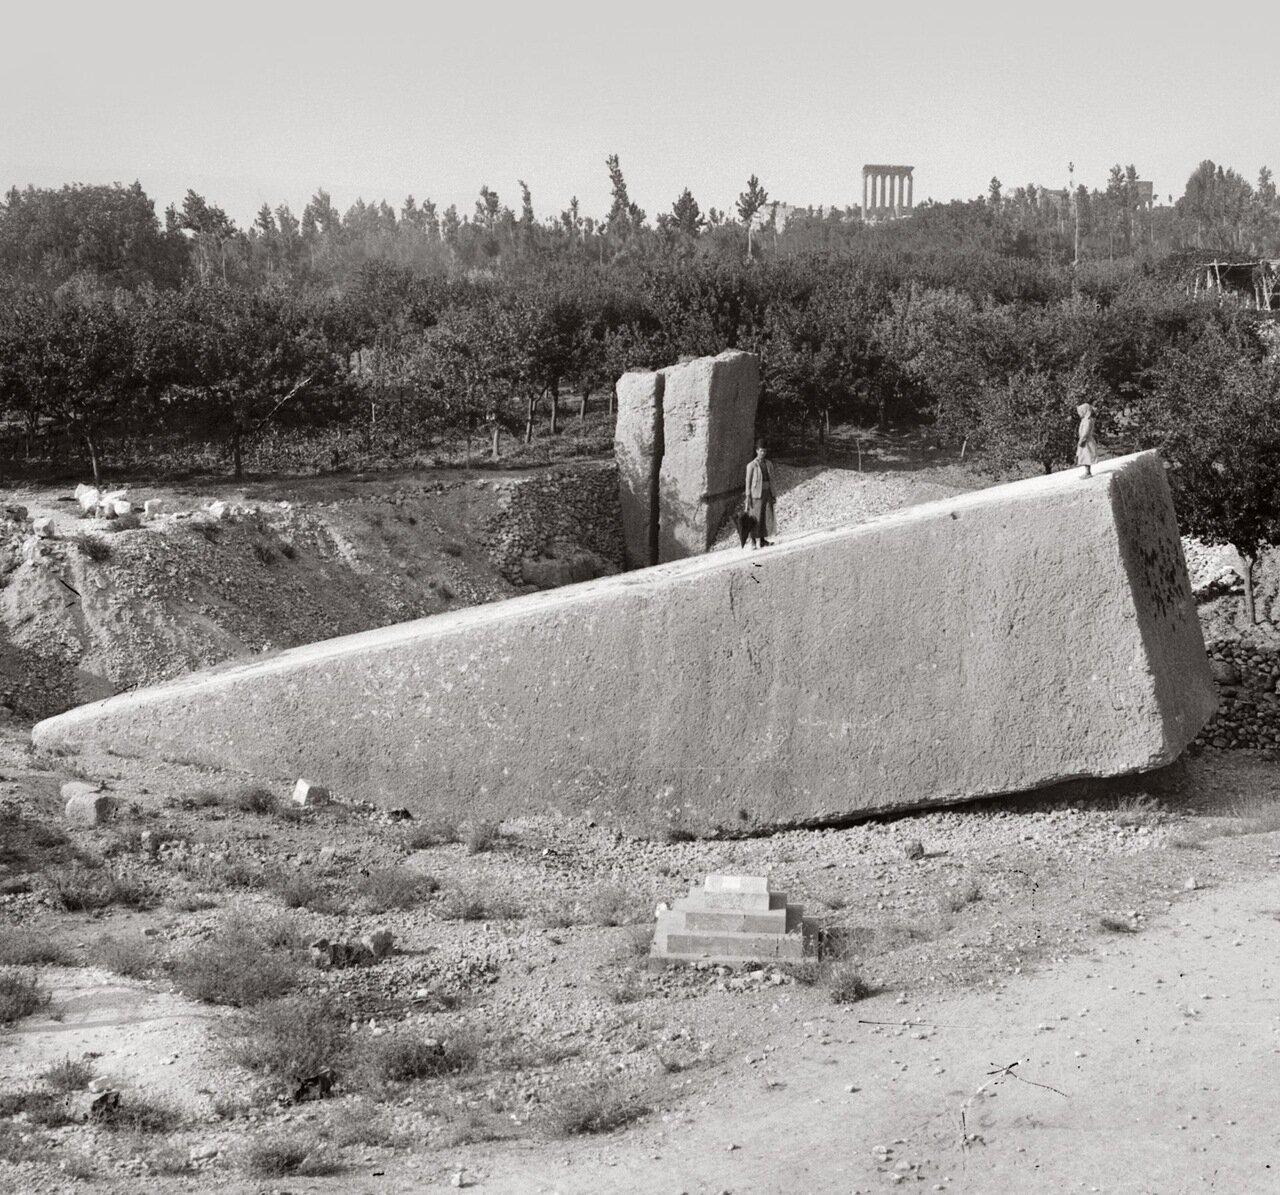 Большой карьер. Баальбек, Ливан. 1900-1920 гг.